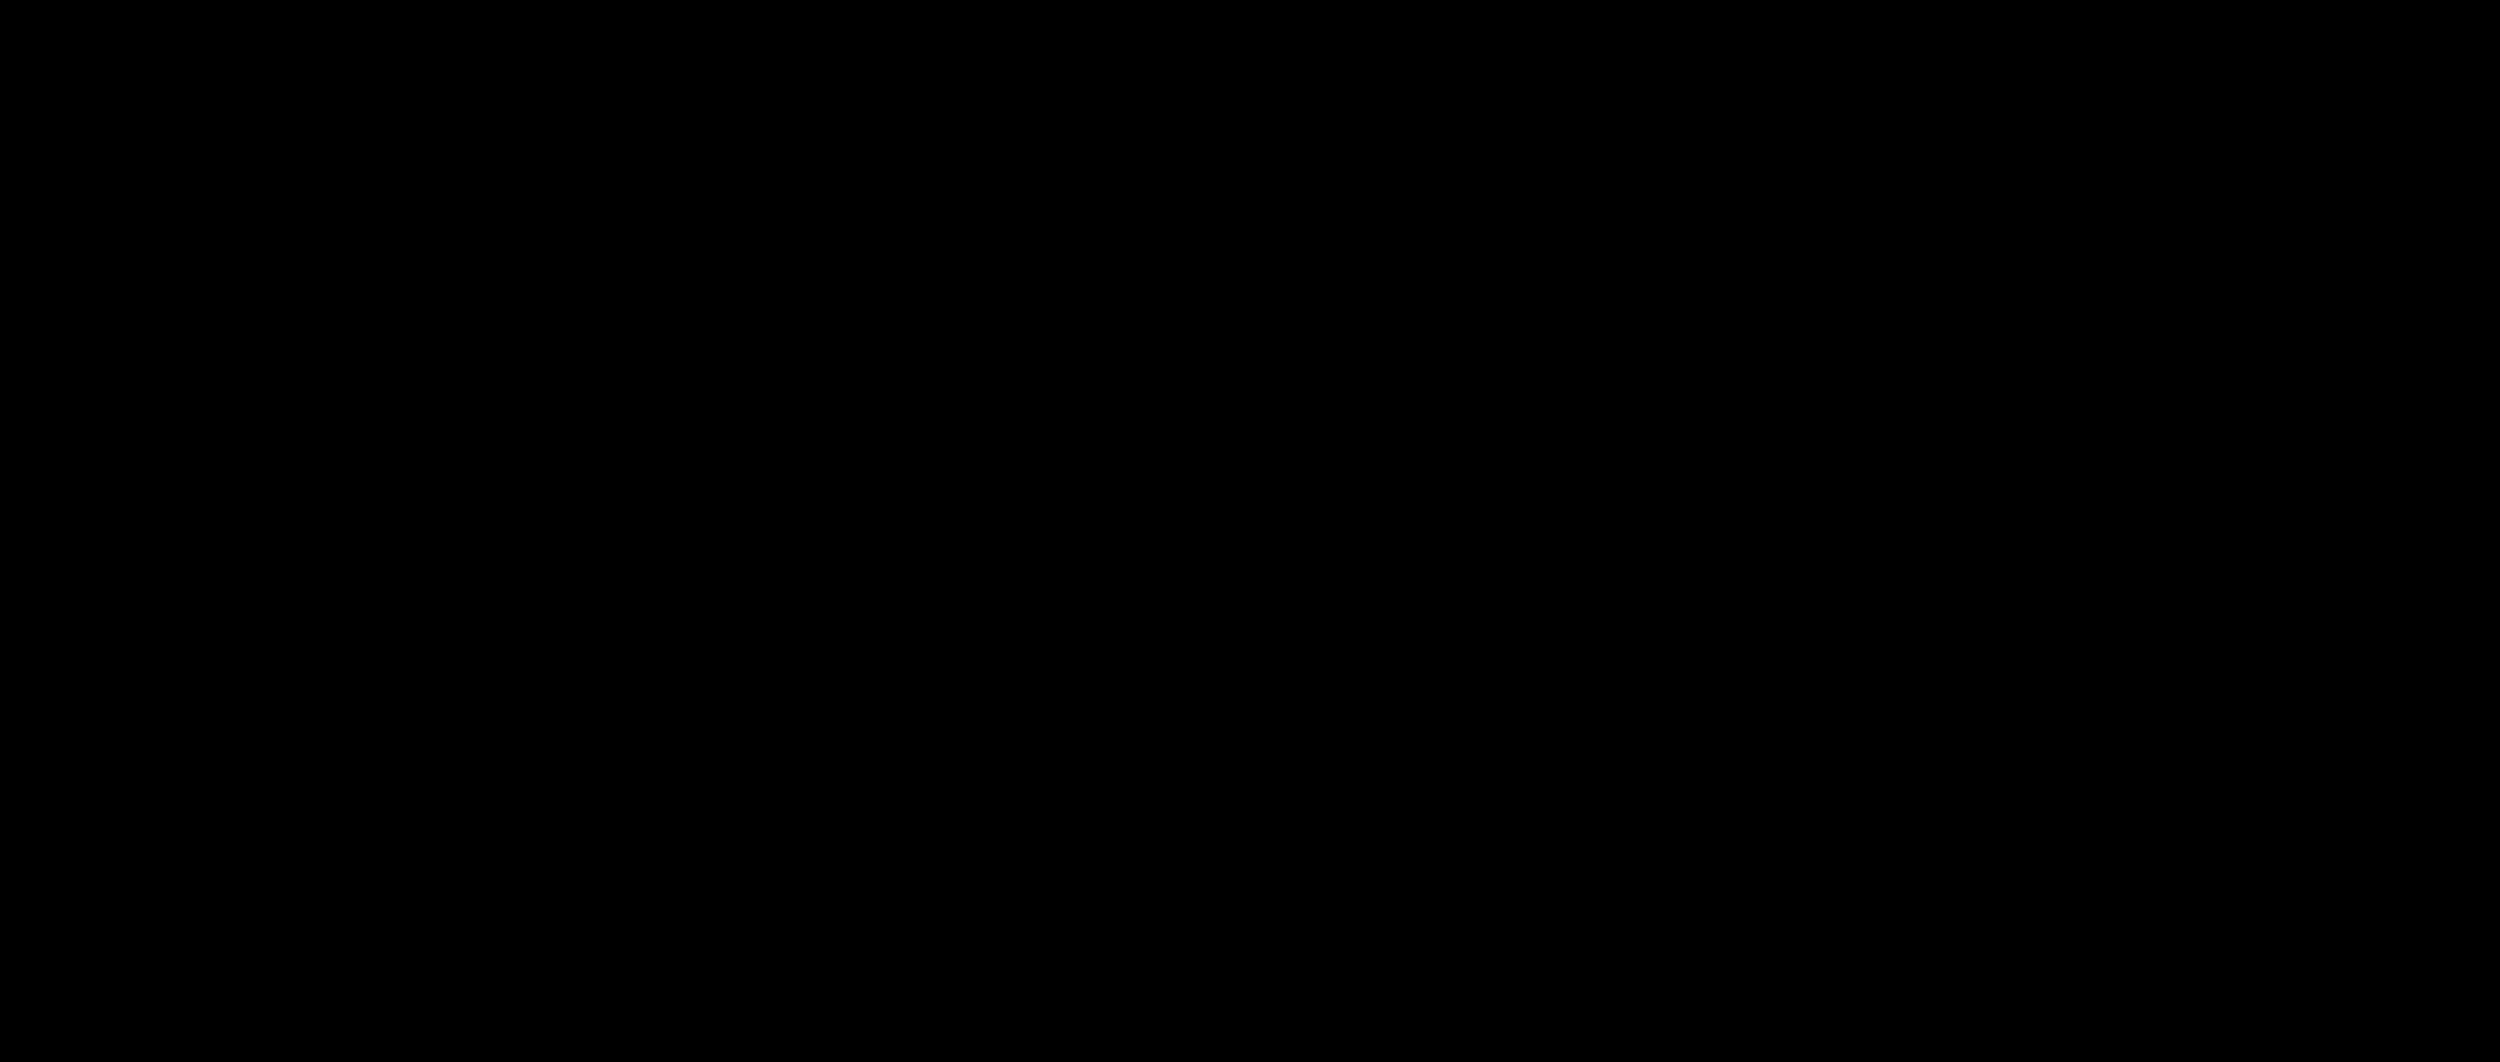 DIsney_Logo BW.png